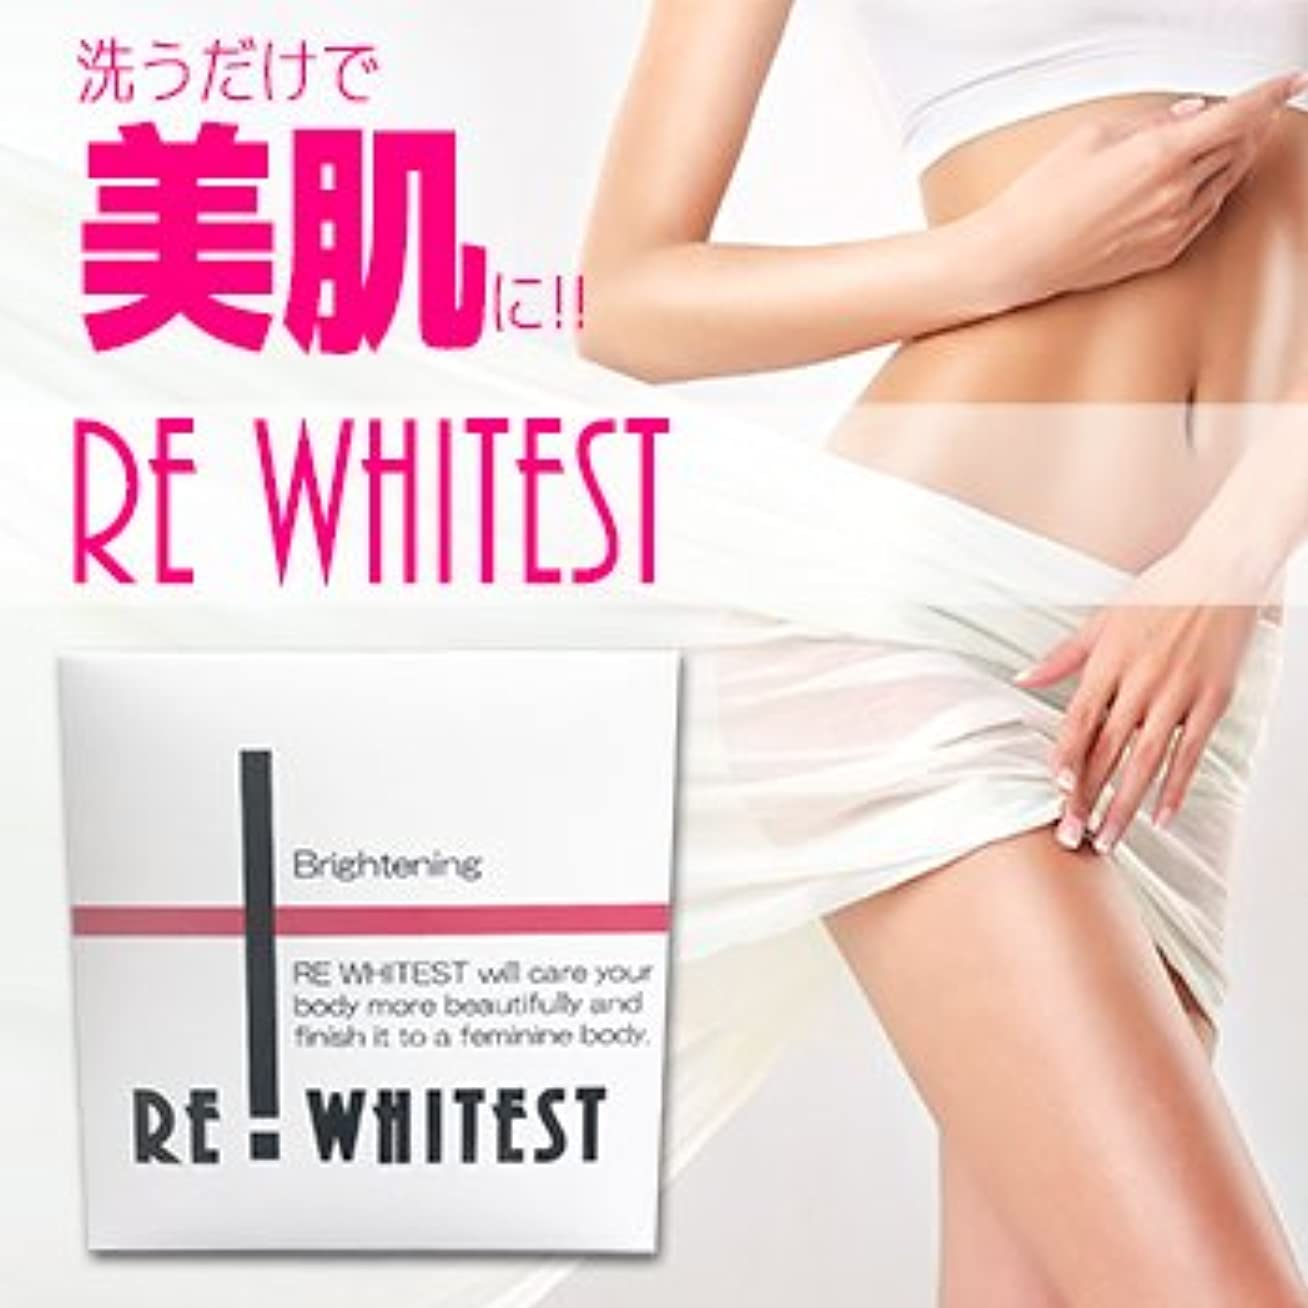 グローバル振動する優れたパパイン+イソフラボン配合女性用美肌石鹸 REWHITEST-リホワイテスト-